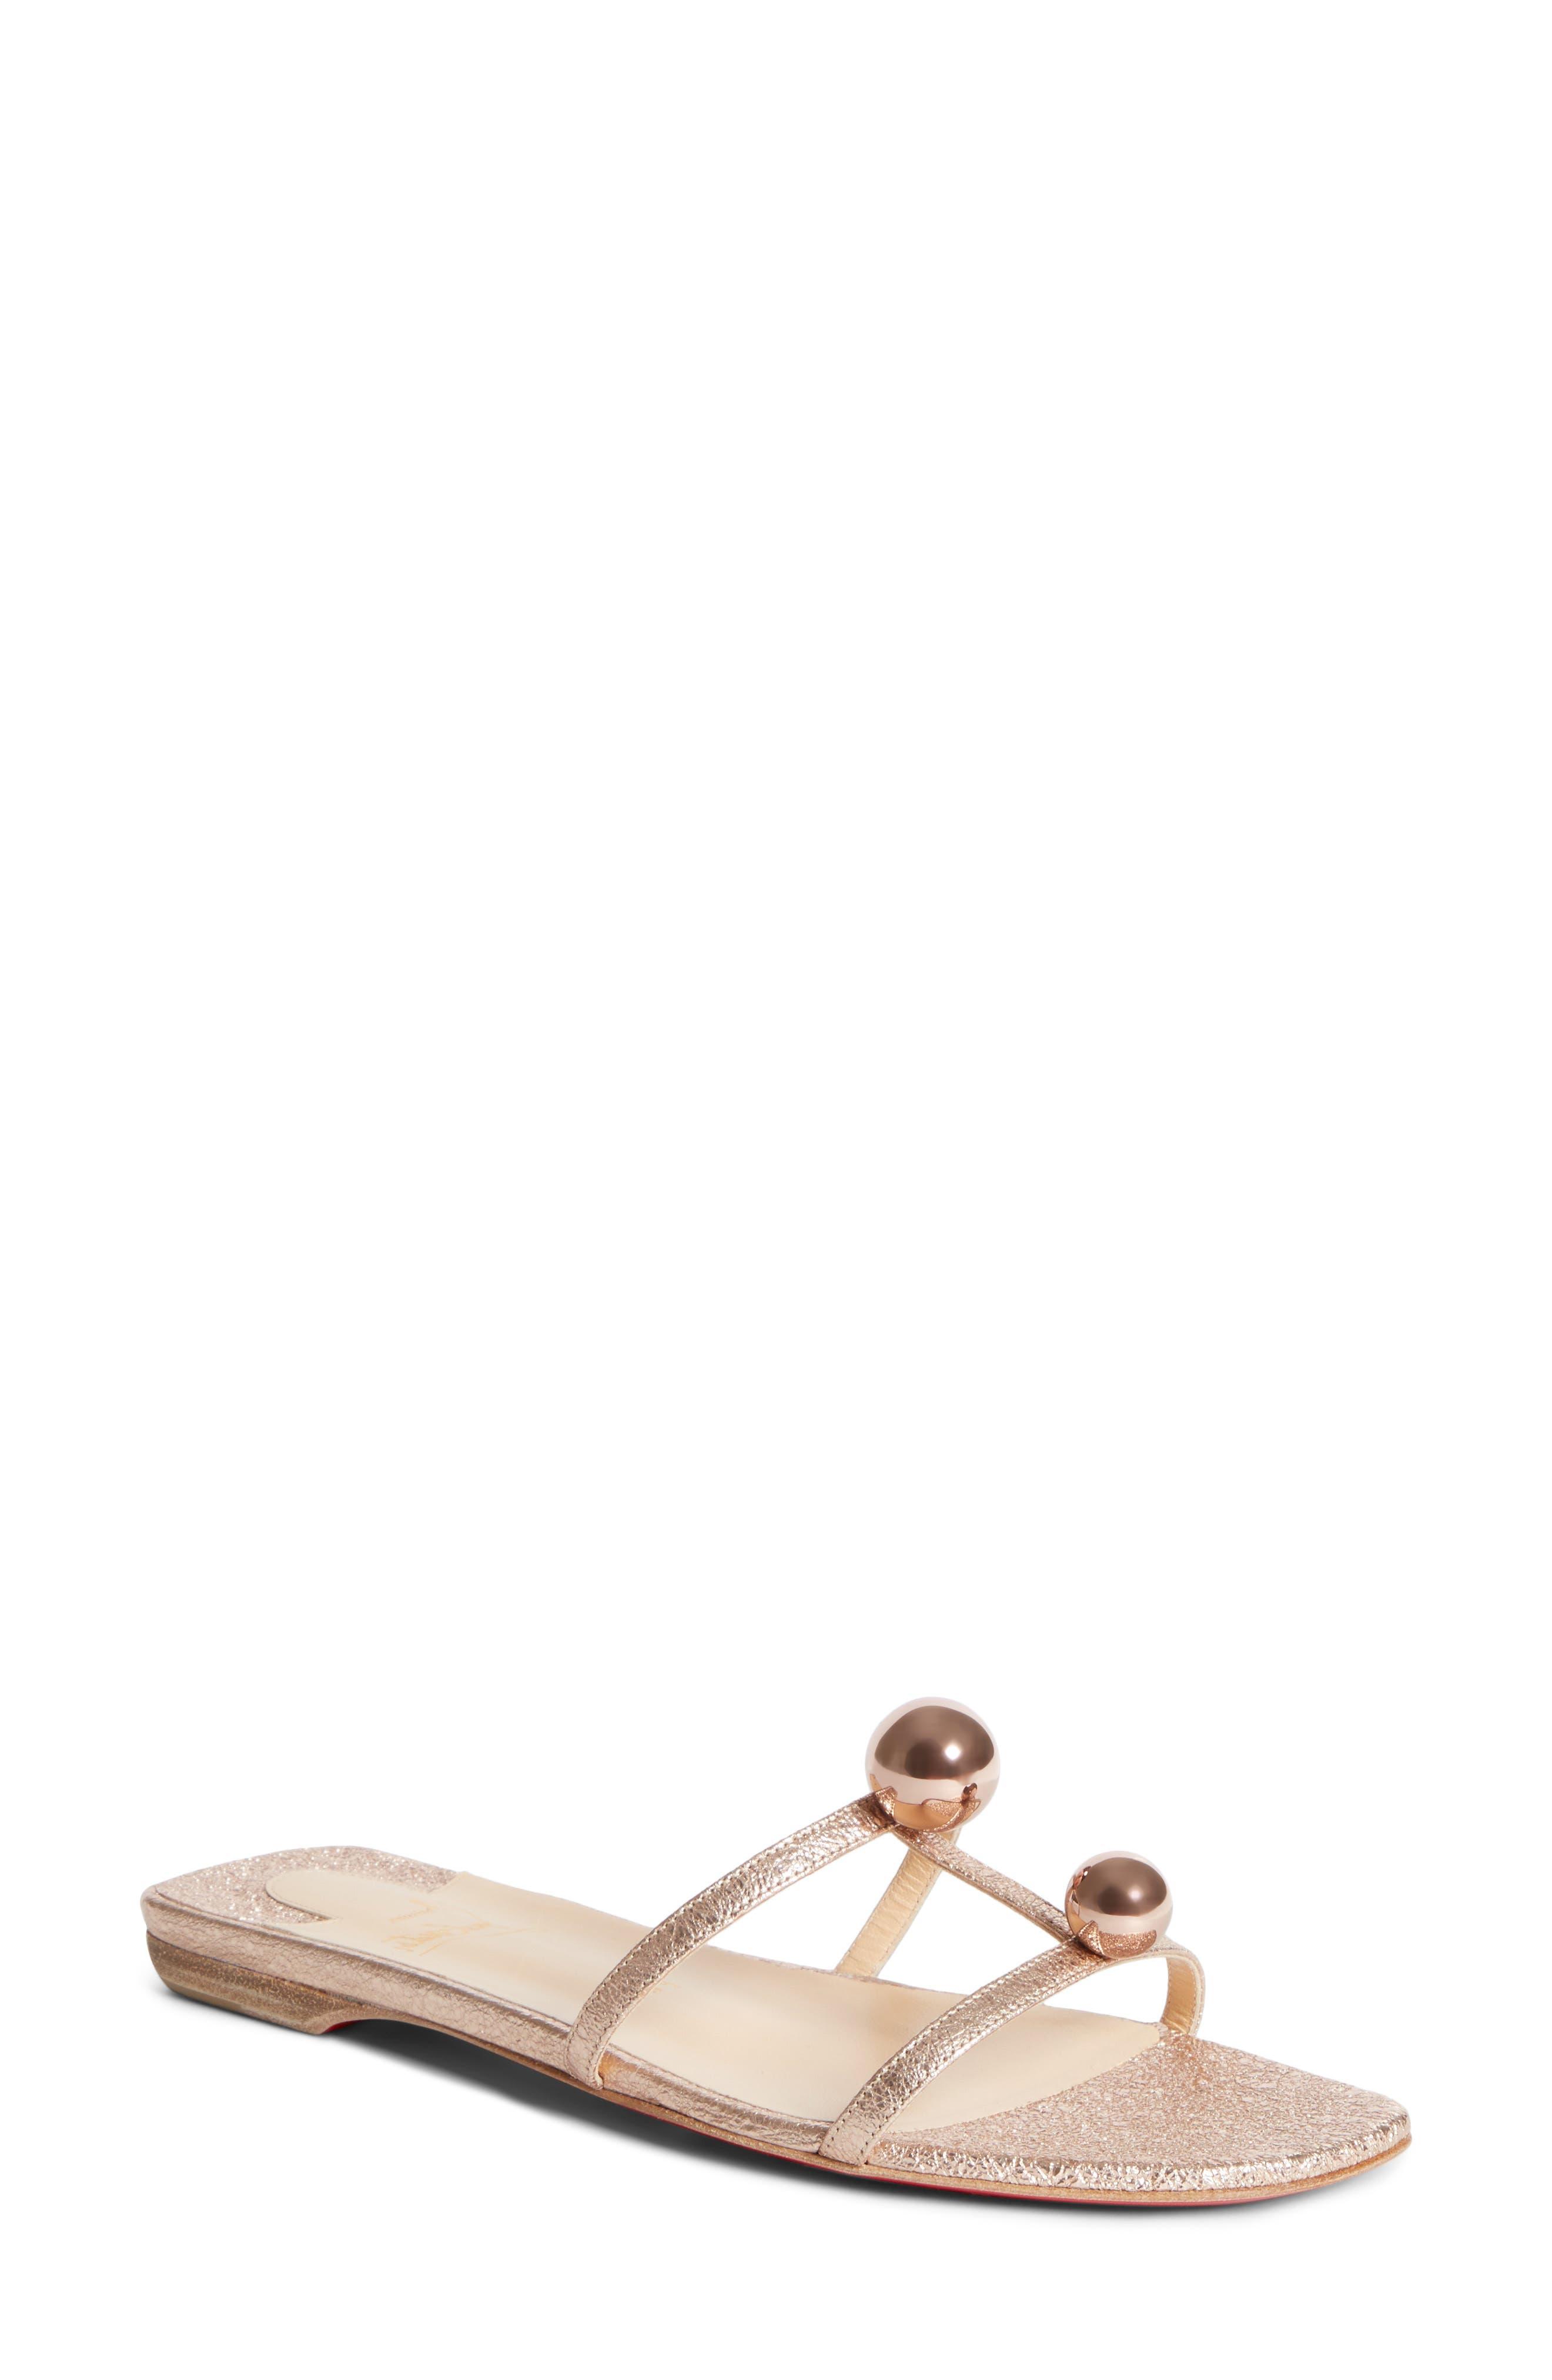 Alternate Image 1 Selected - Christian Louboutin Atonetta Ornament Slide Sandal (Women)